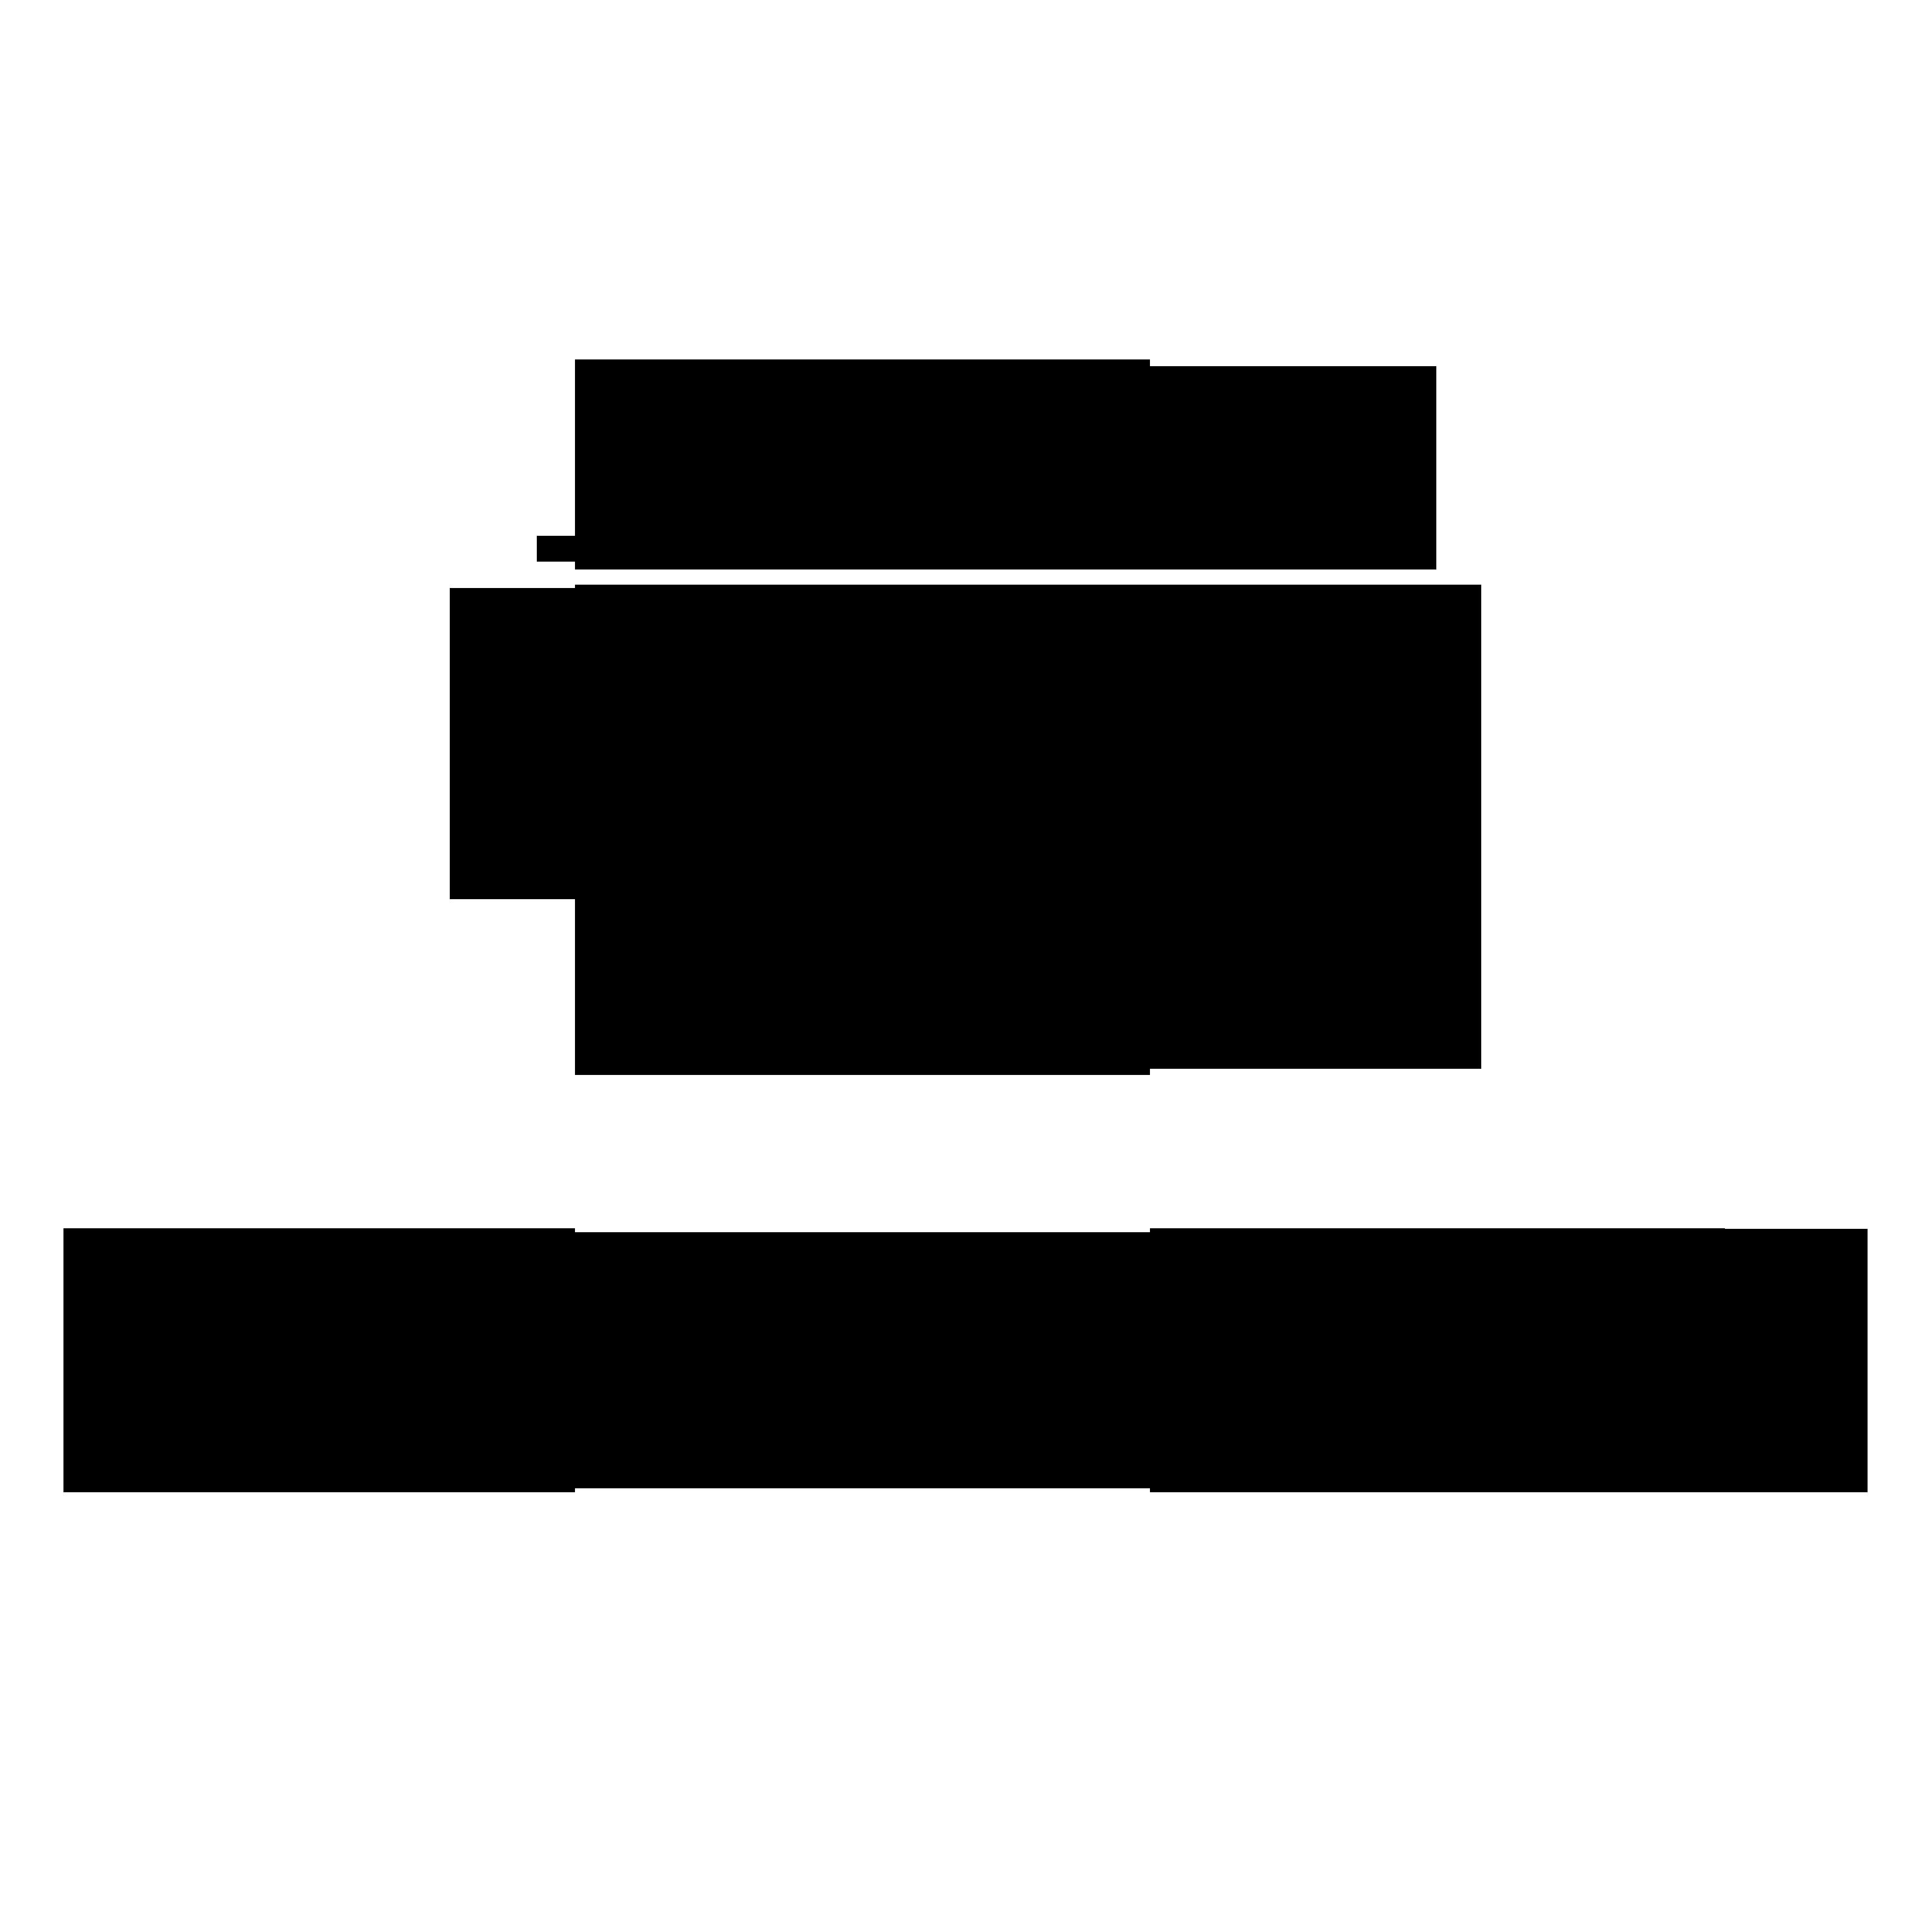 Calyos